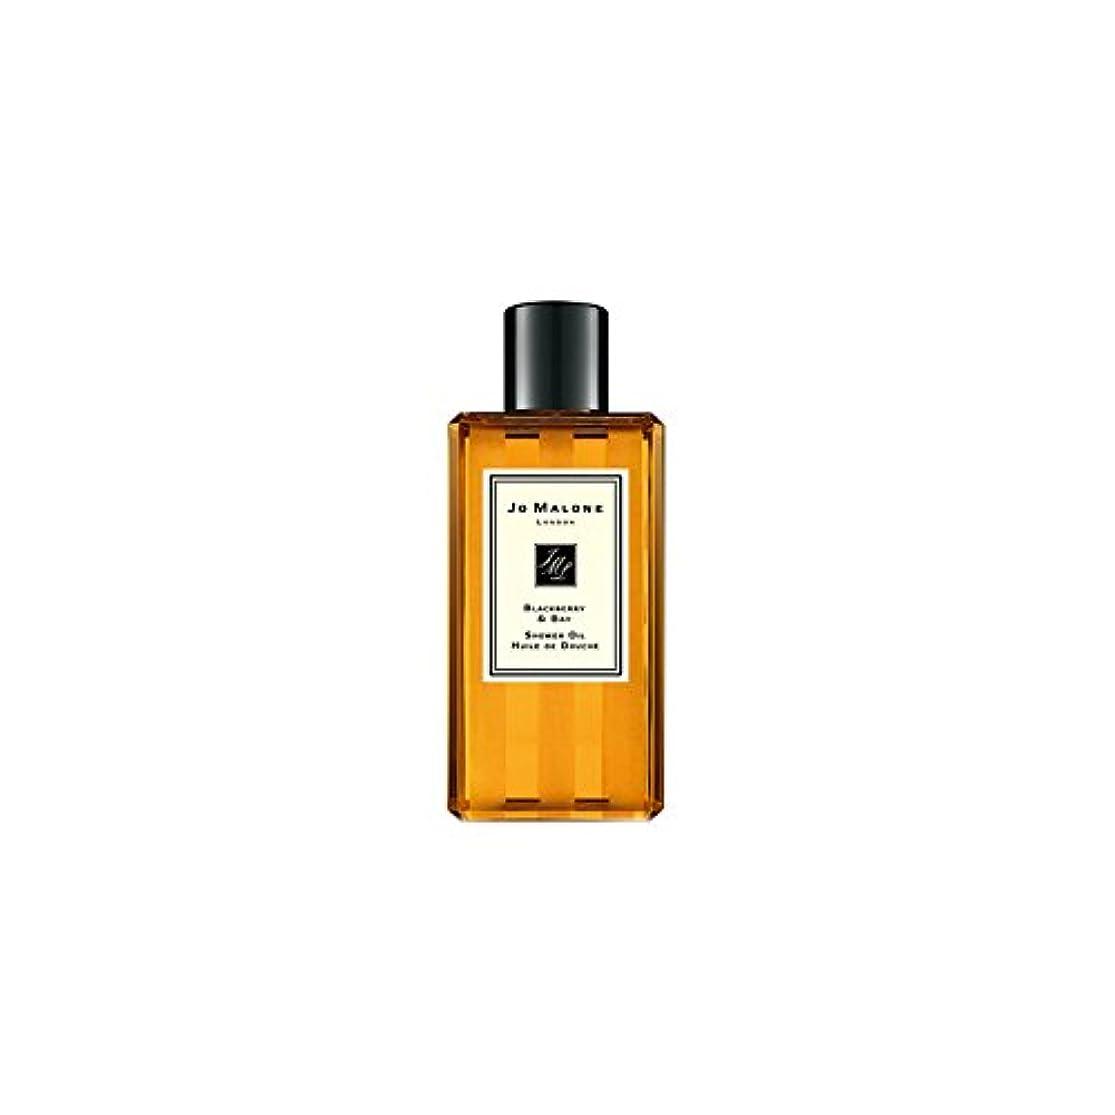 木曜日嫌がる不機嫌Jo Malone Blackberry & Bay Shower Oil - 250ml (Pack of 6) - ジョーマローンブラックベリー&ベイシャワーオイル - 250ミリリットル (x6) [並行輸入品]